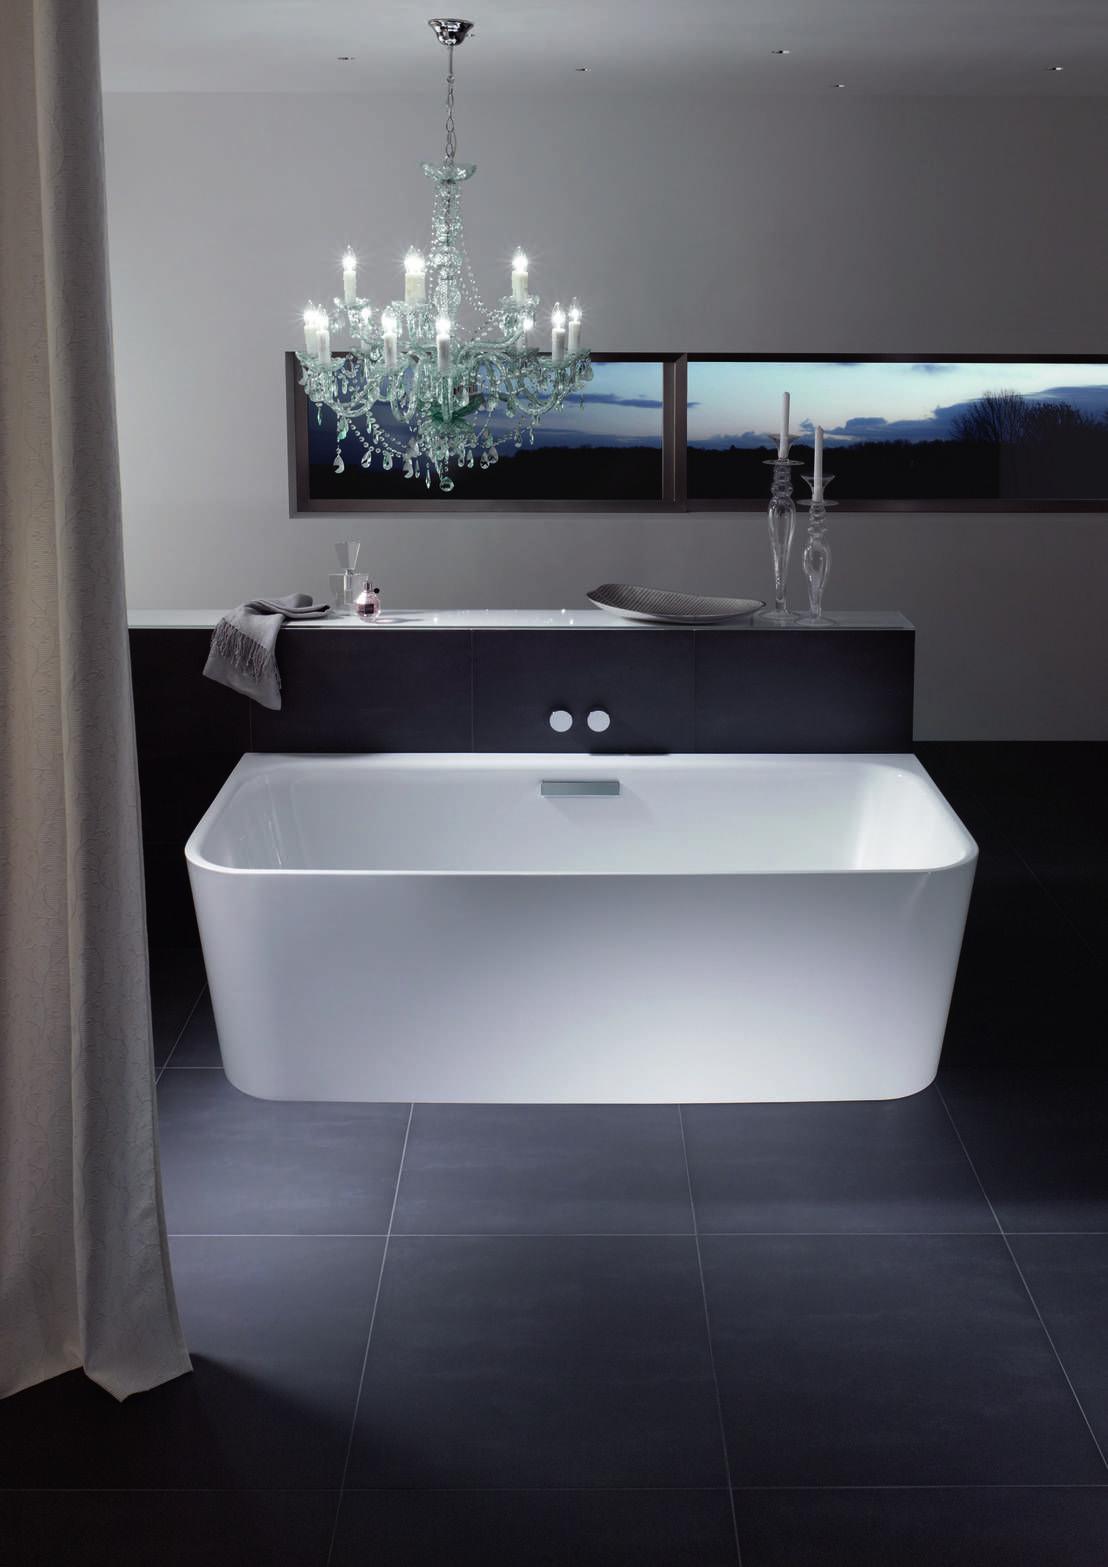 Betteart Designpreis Für Badewannen Innovation Bath Interiors